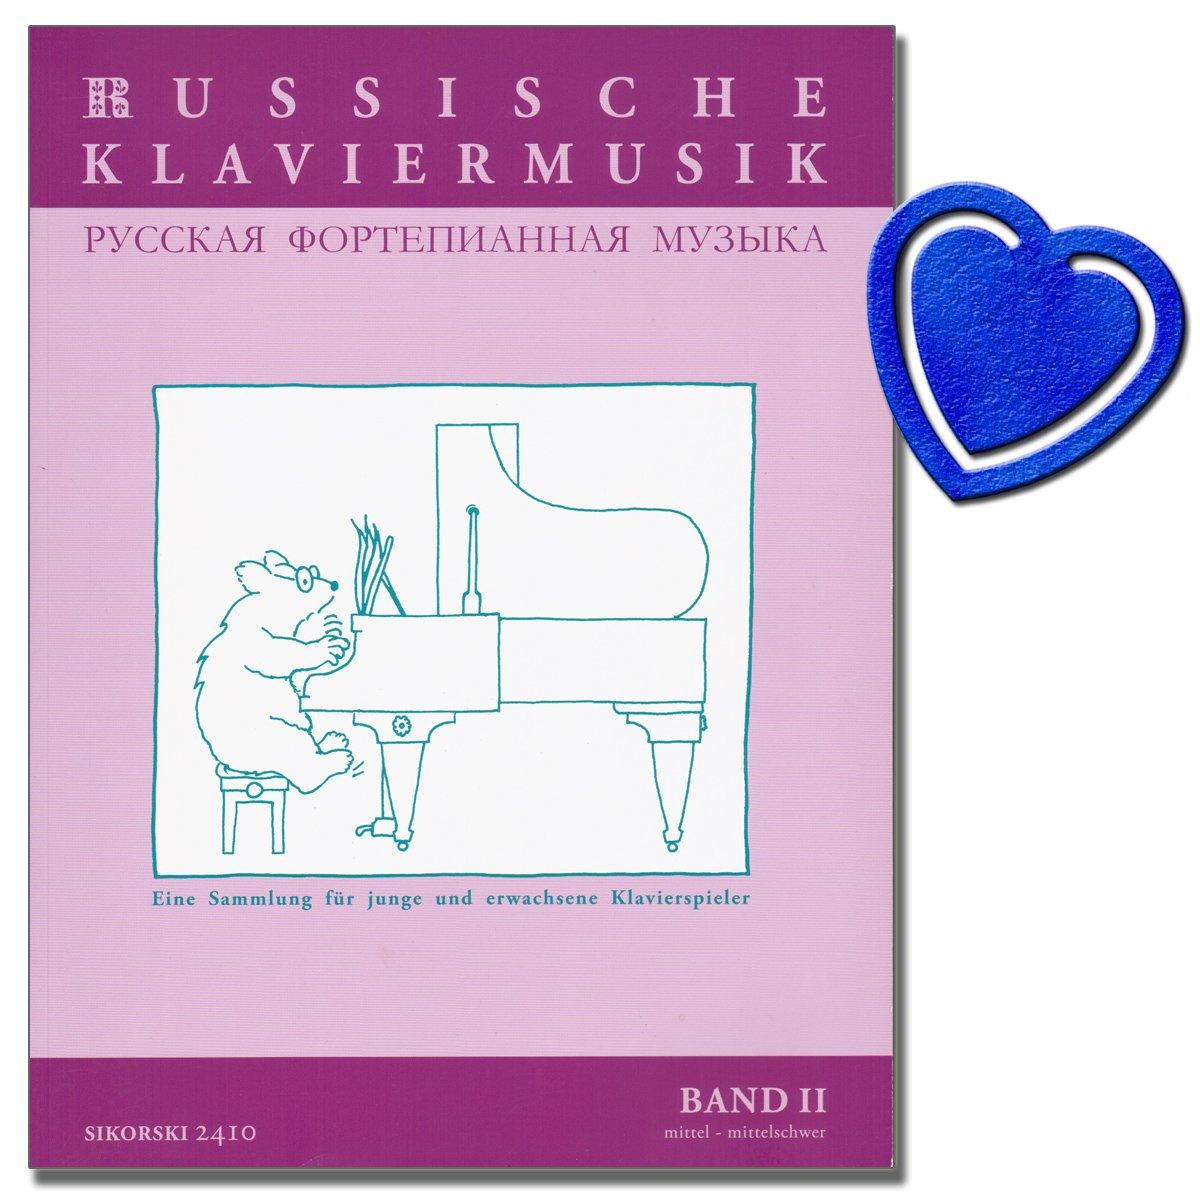 Russische Klaviermusik Band 2 - Eine Sammlung für junge und erwachsene Klavierspieler - Klavier Noten mit herzförmiger Notenklammer Verlag Sikorski Hans